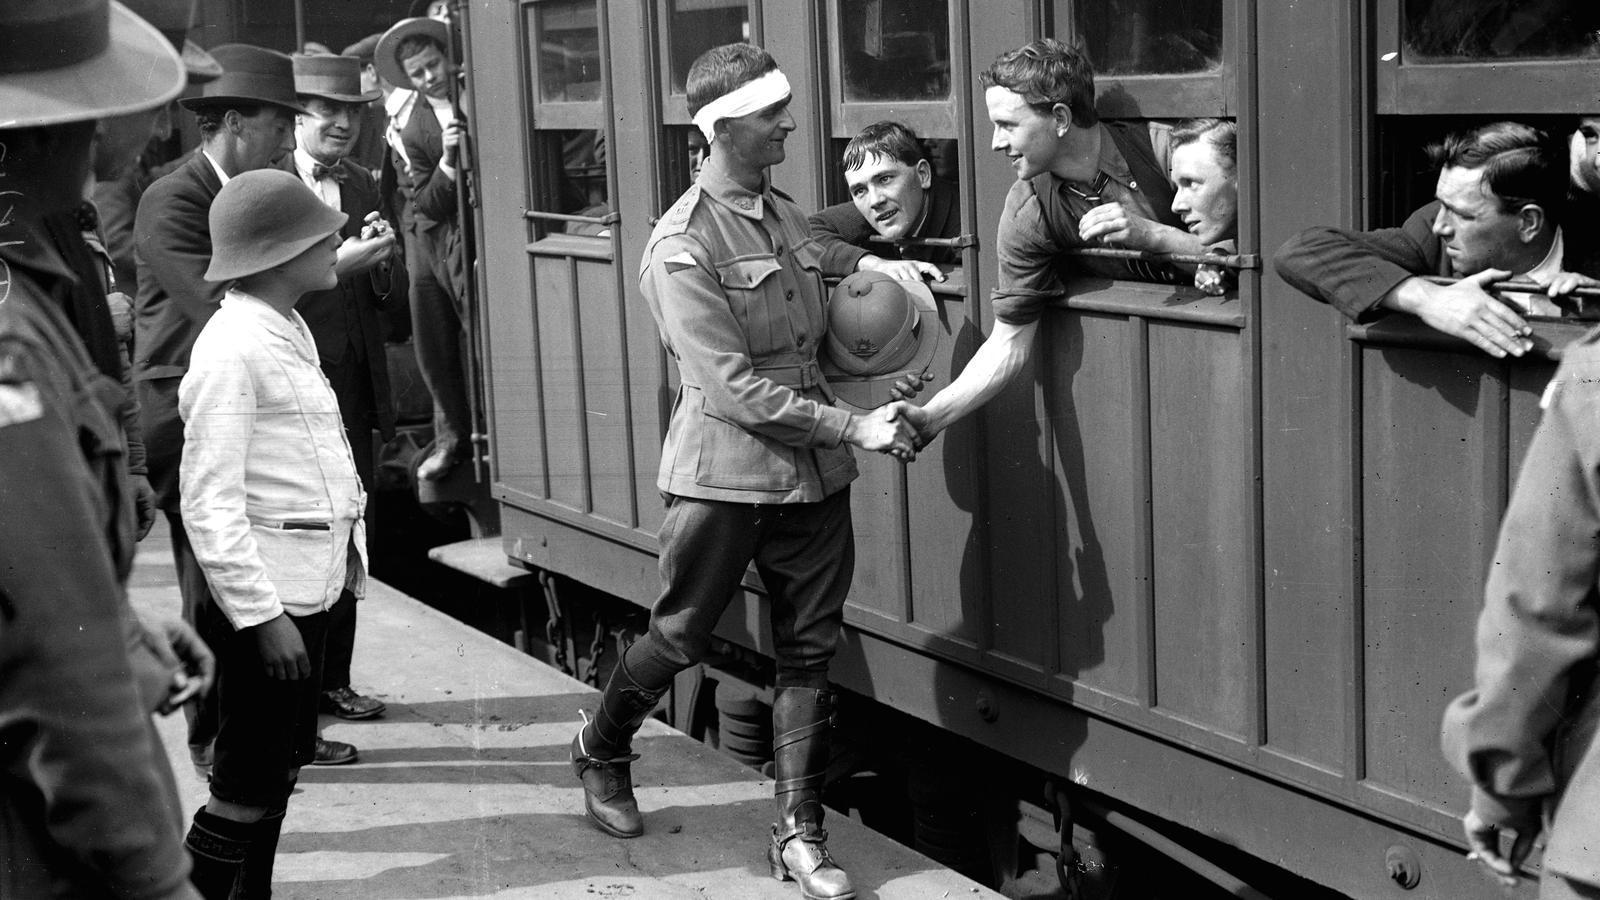 Oficials australians que reemplacen els que han estat ferits o morts al front